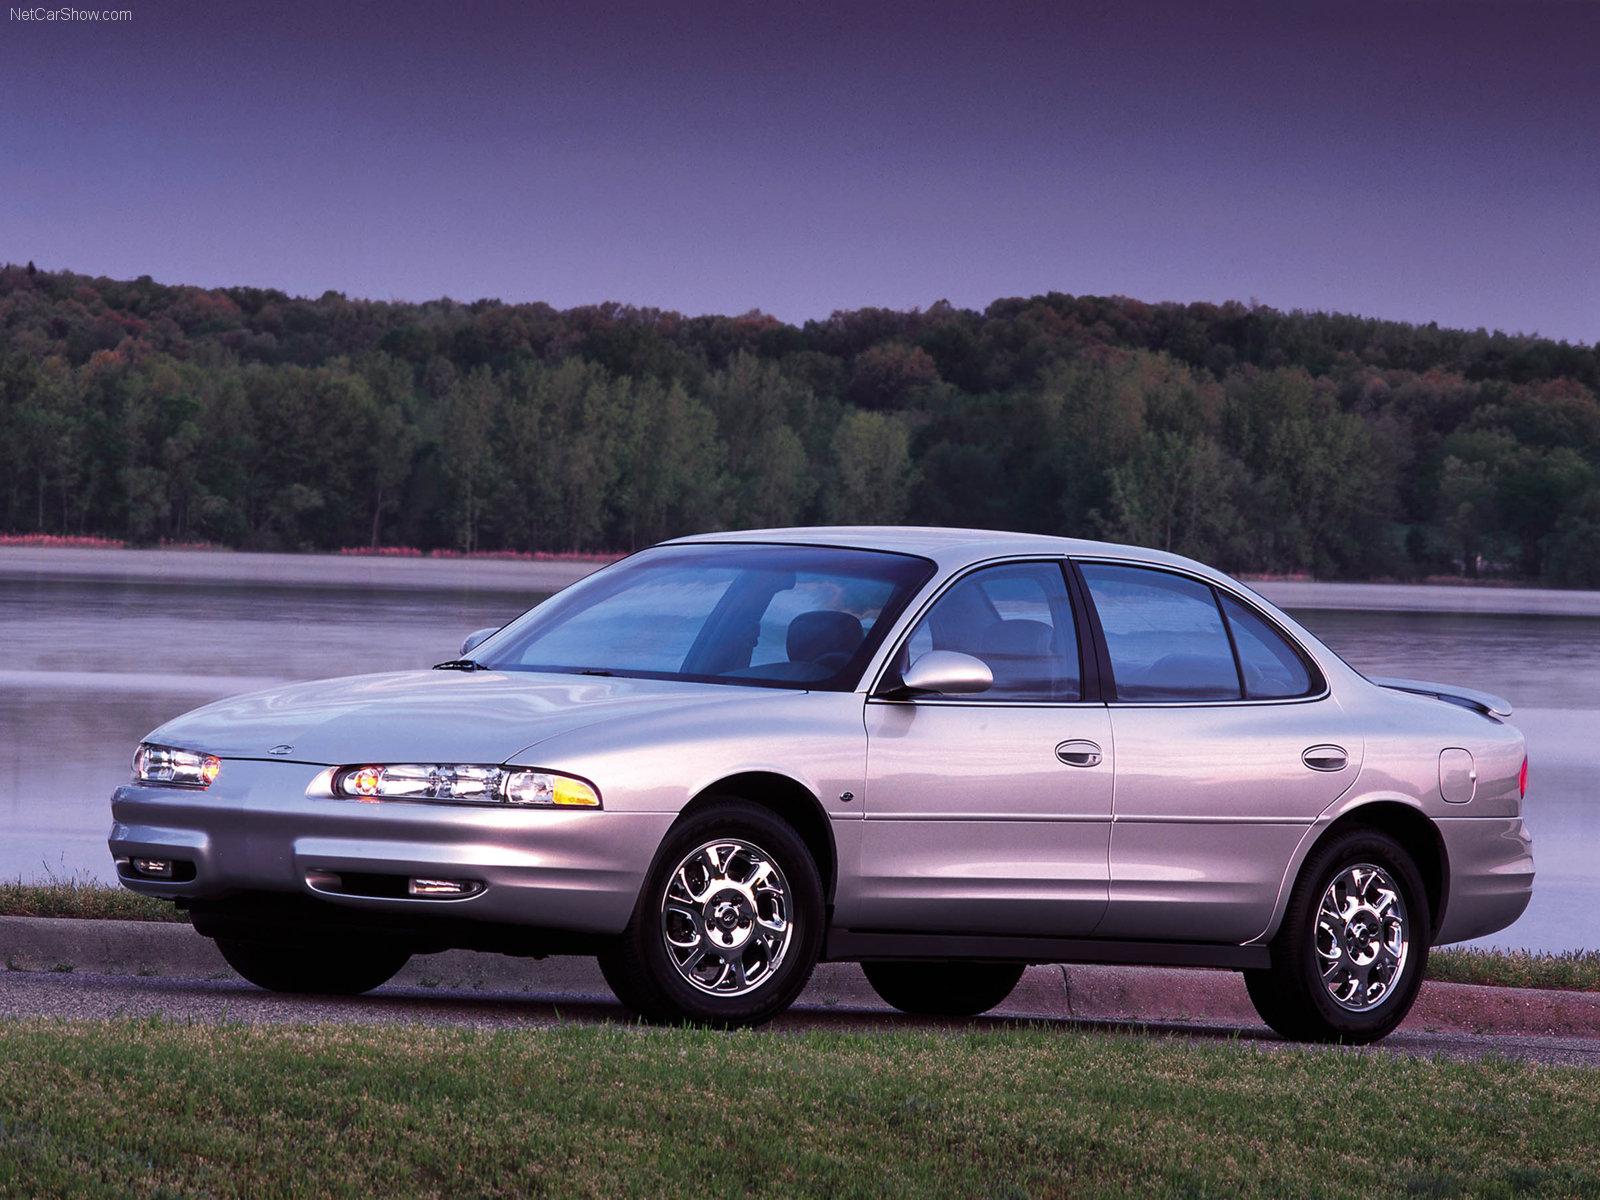 Hình ảnh xe ô tô Oldsmobile Intrigue 2000 & nội ngoại thất